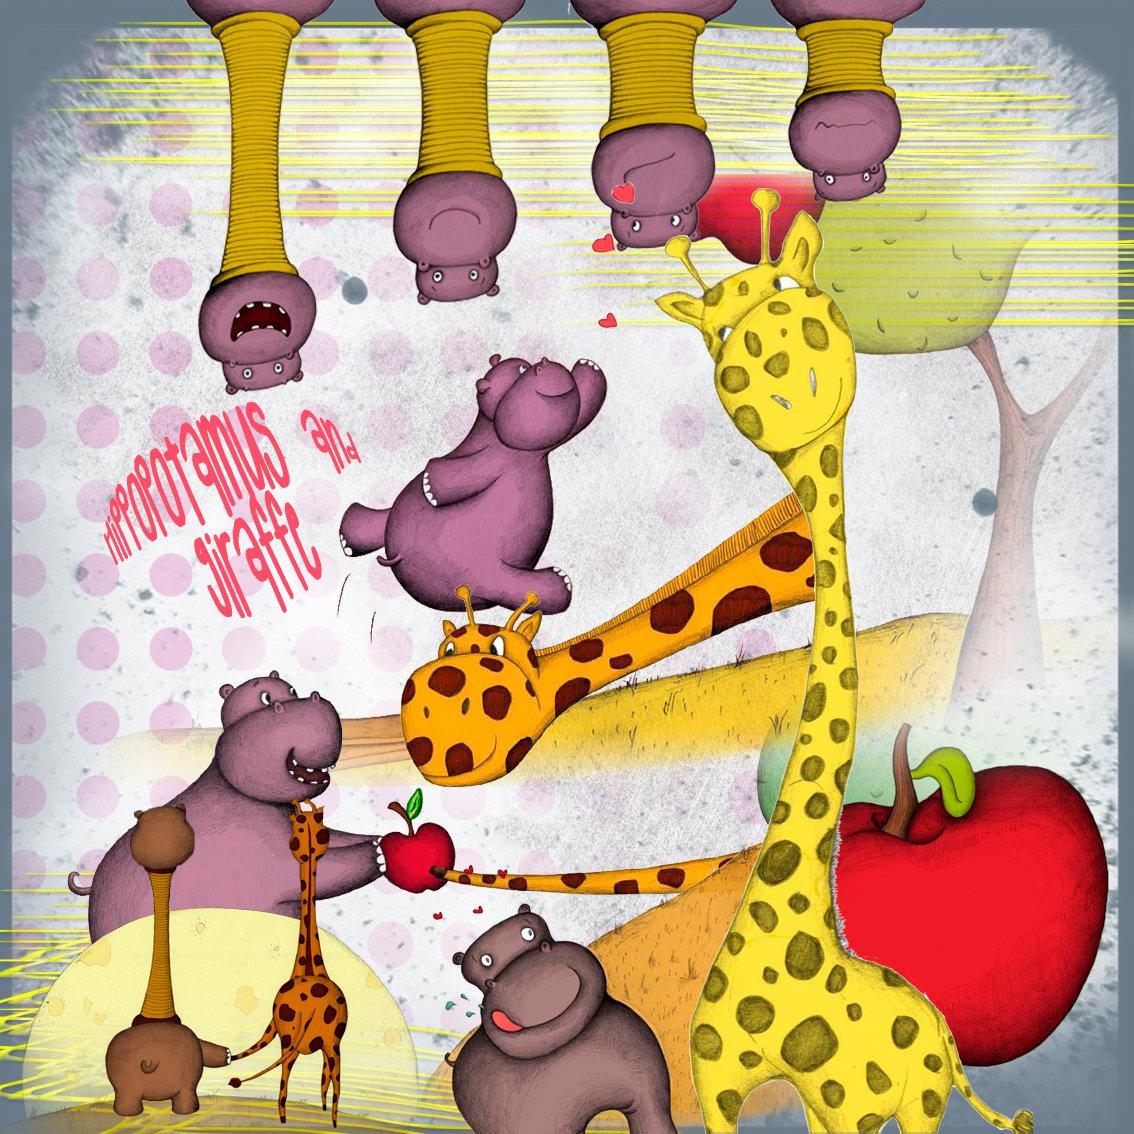 Немецком языке, с днем рождения картинка с жирафом и бегимотом